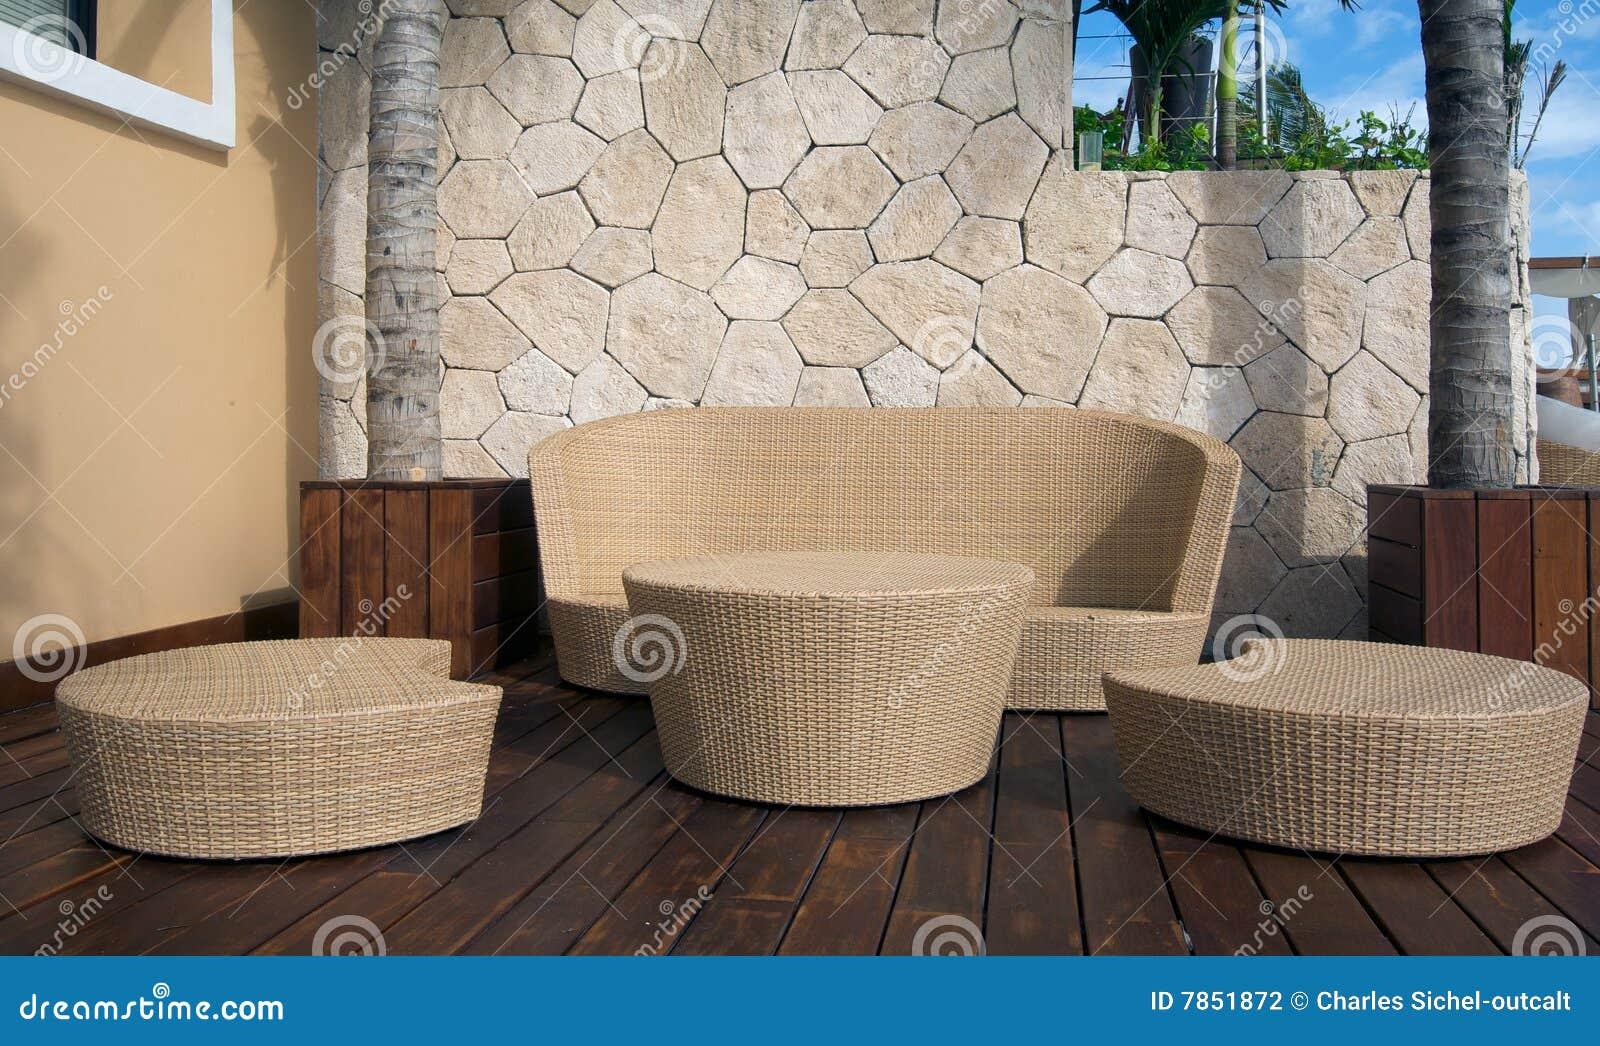 Muebles Mimbre Bao Mueble Para Bao Wc Puertas Y Estante Aspecto  # Muebles Mimbre Baratos